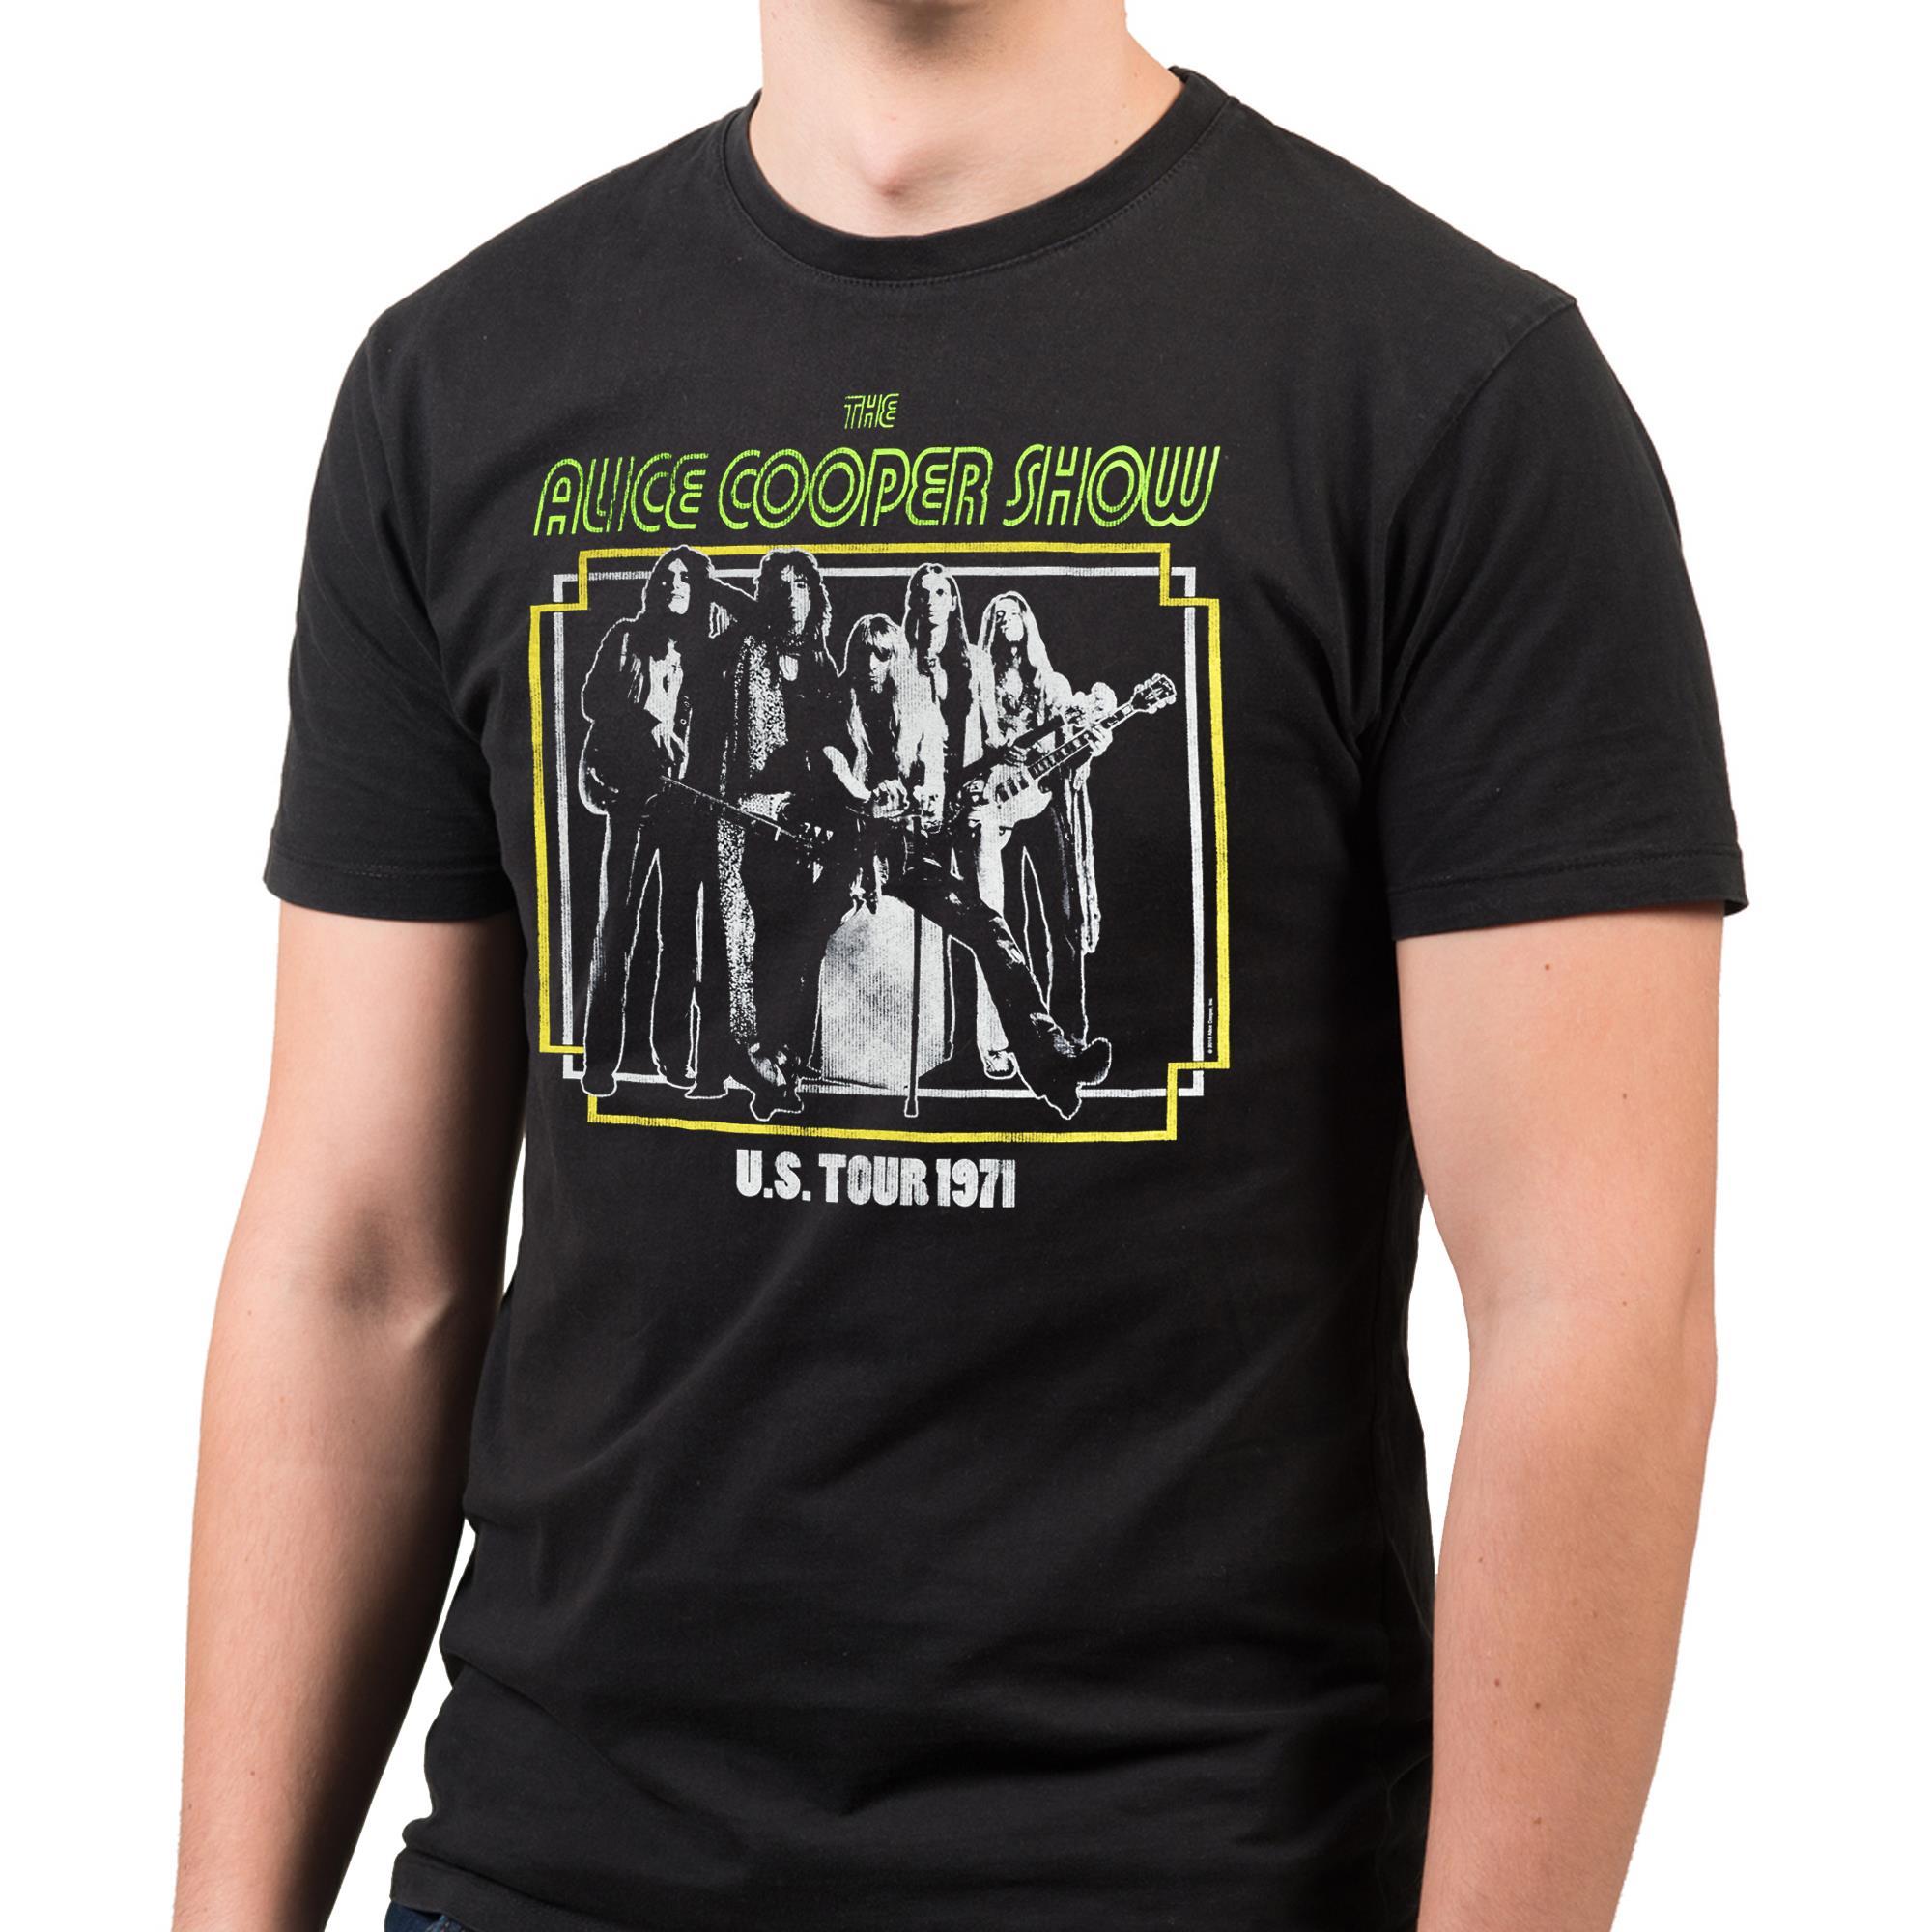 US Tour 1971 (Import) T-Shirt